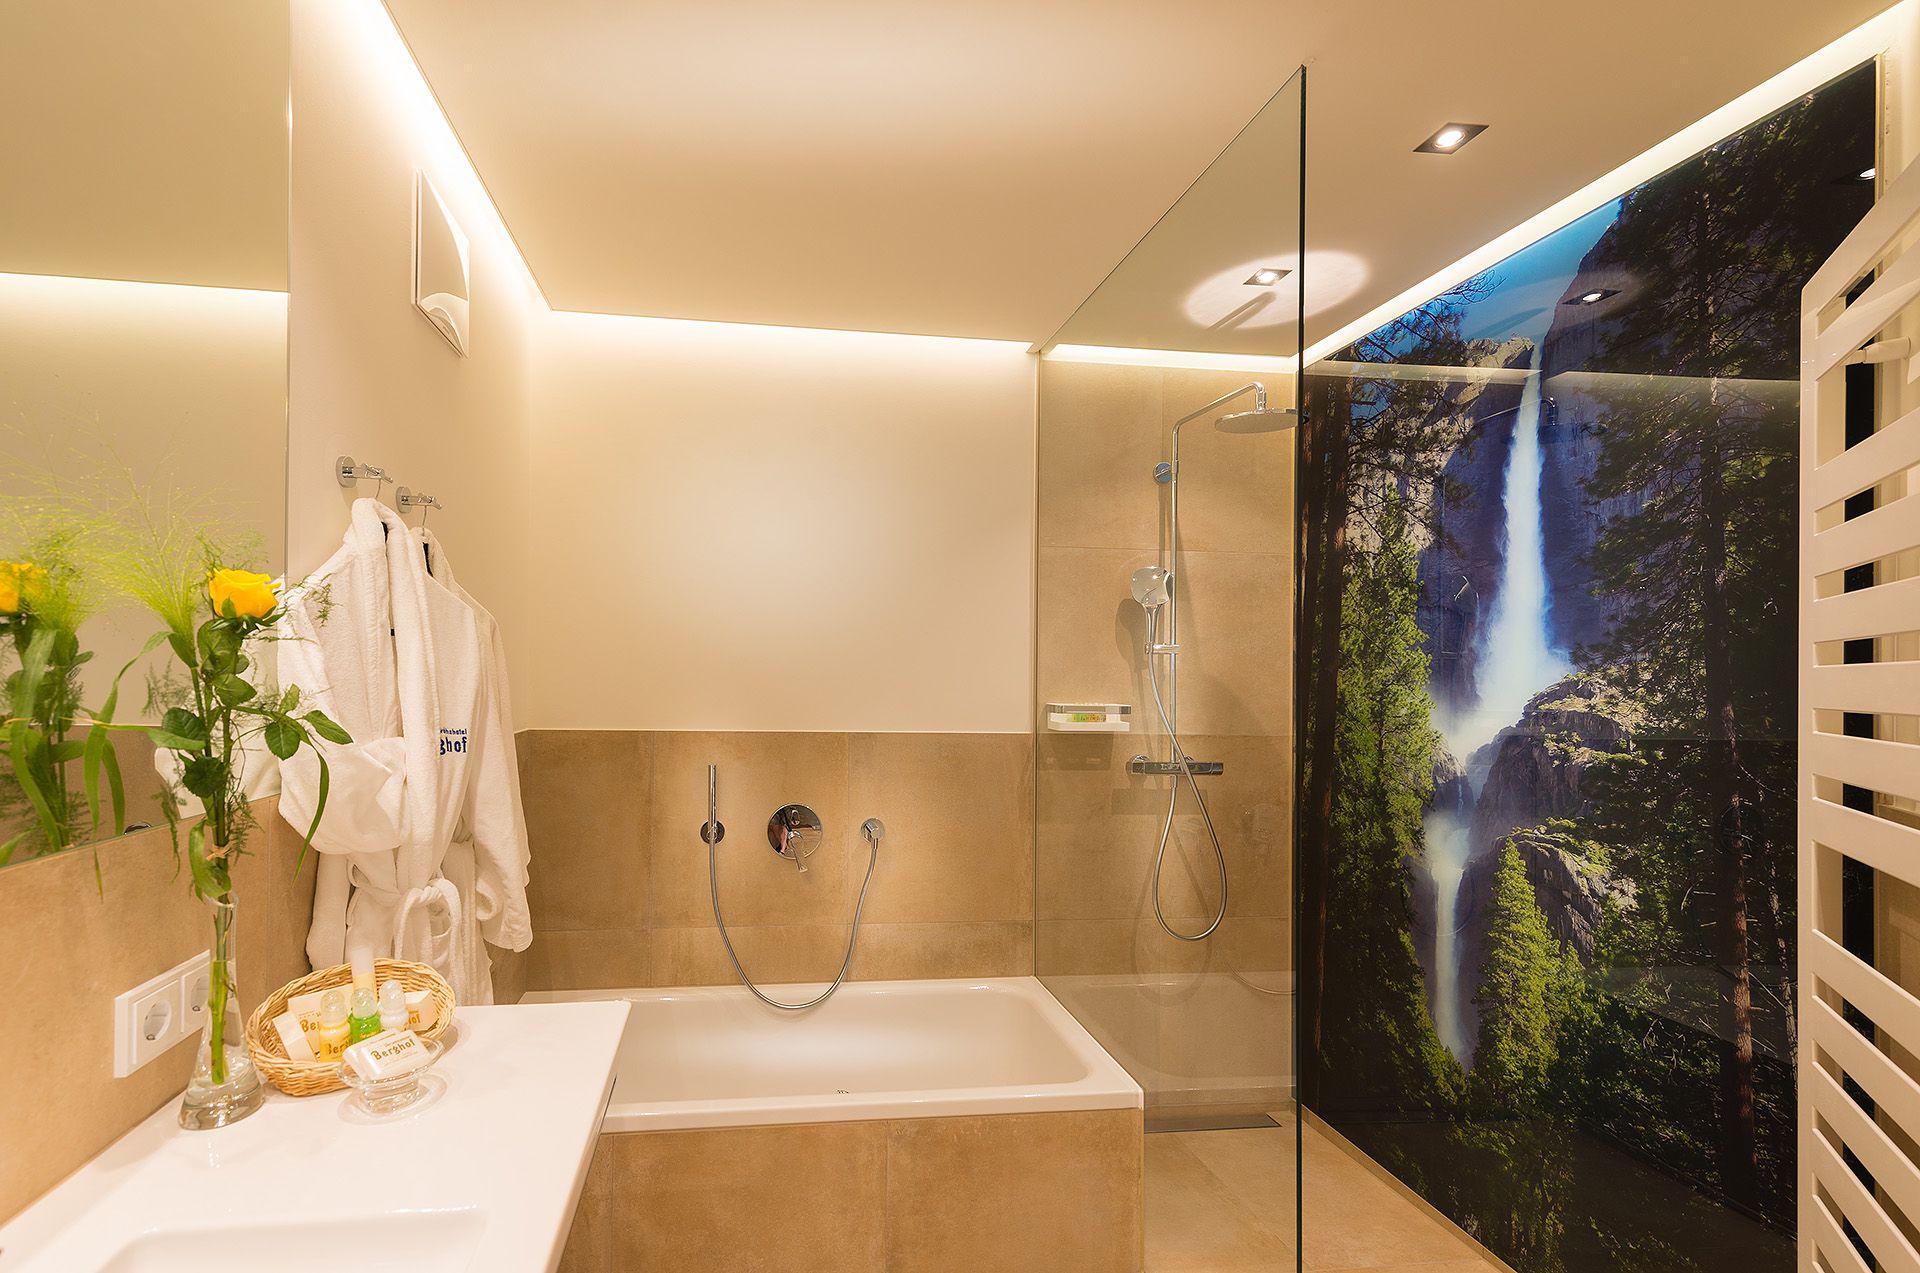 Badezimmer Hotel ~ Neue erker familiensuiten badezimmer verwöhnhotel berghof 4